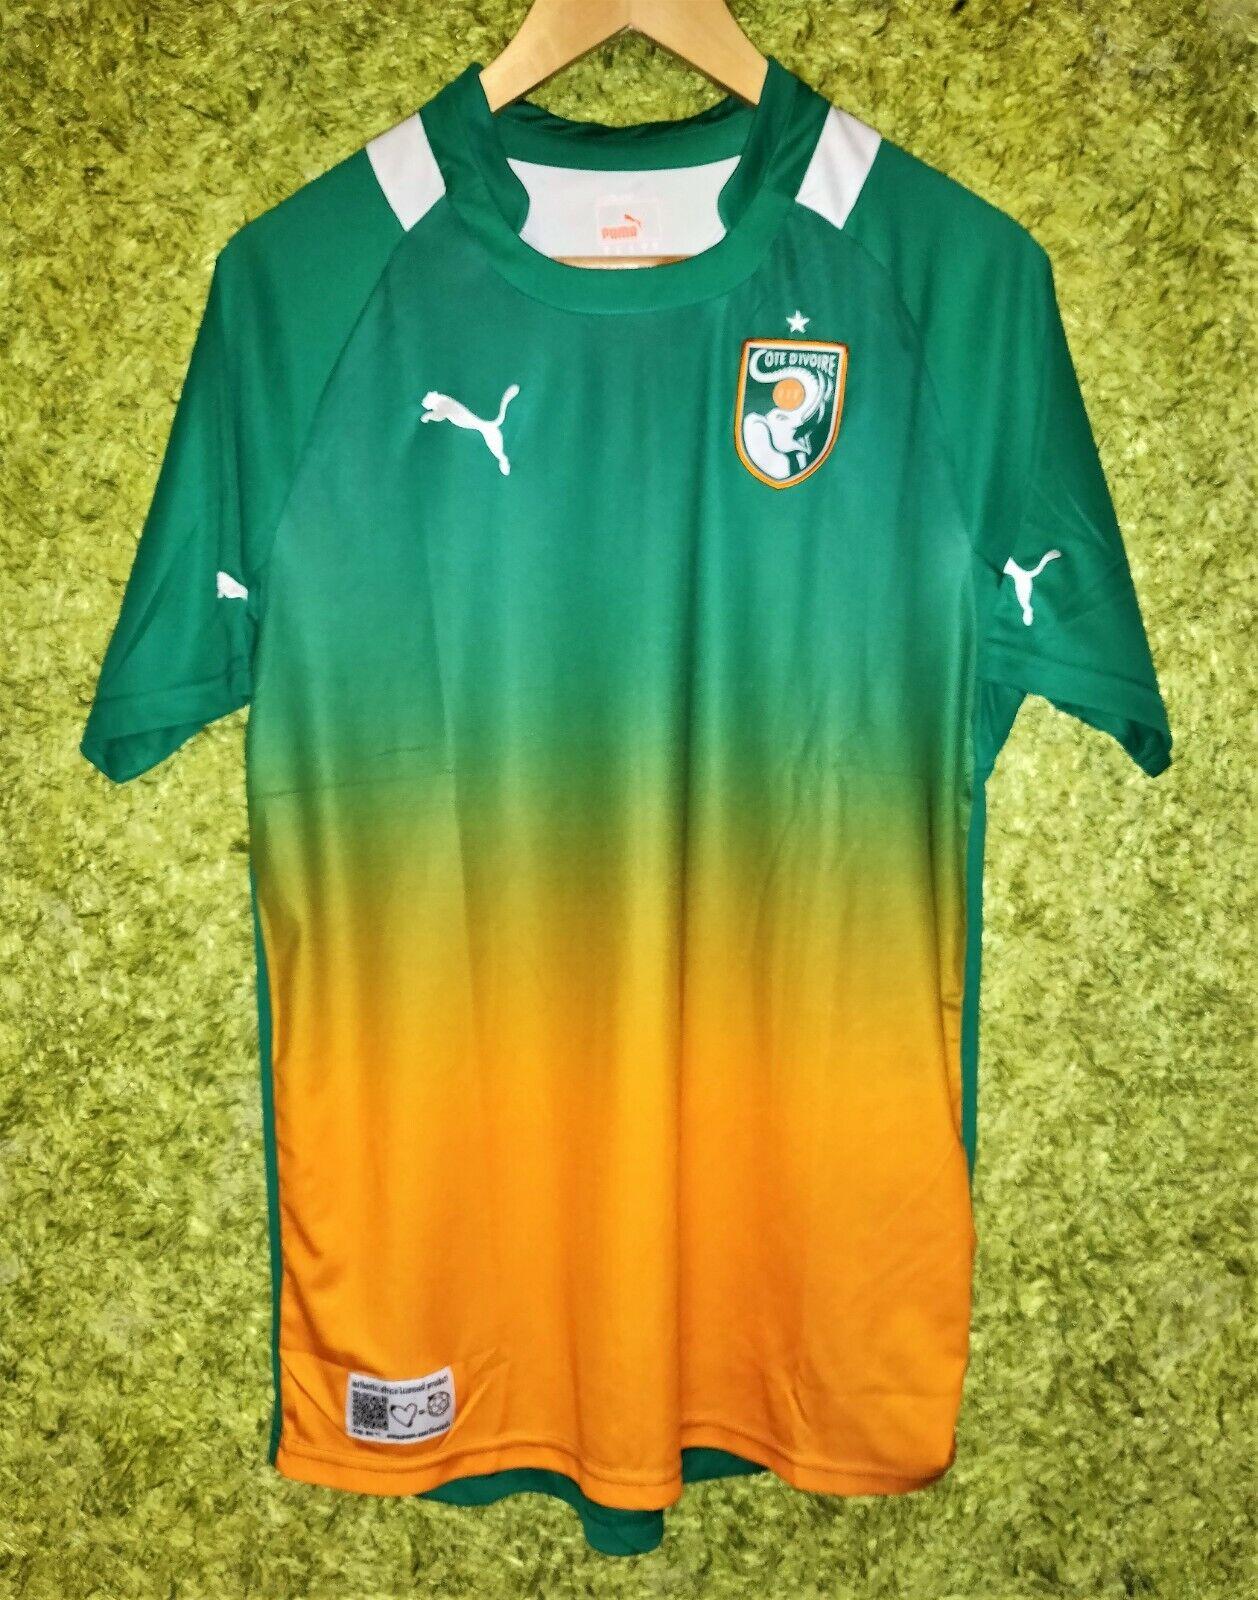 IVORY COAST Côte d'Ivoire 2011 2013 AWAY NATIONAL FOOTBALL TEAM SHIRT JERSEY (M)